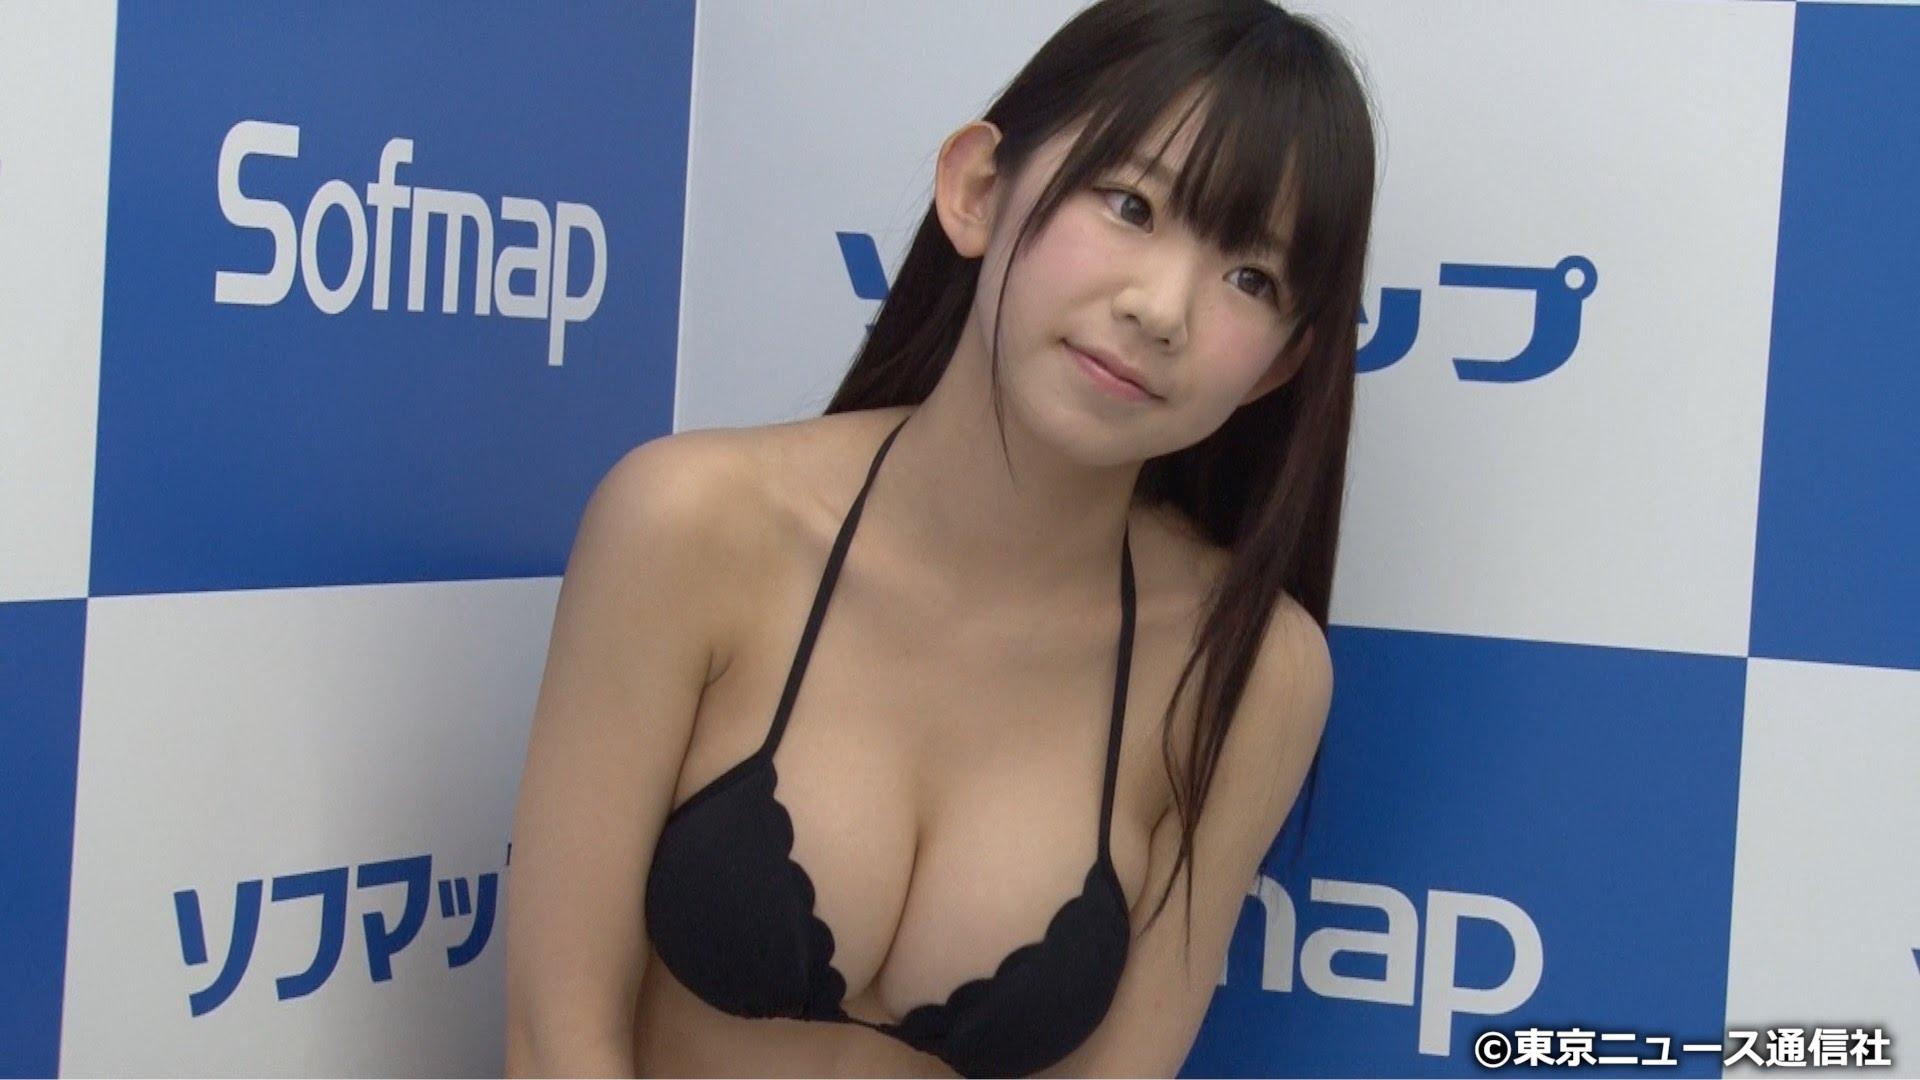 DVDの発売記念イベントでソフマップに登場した長澤茉里奈